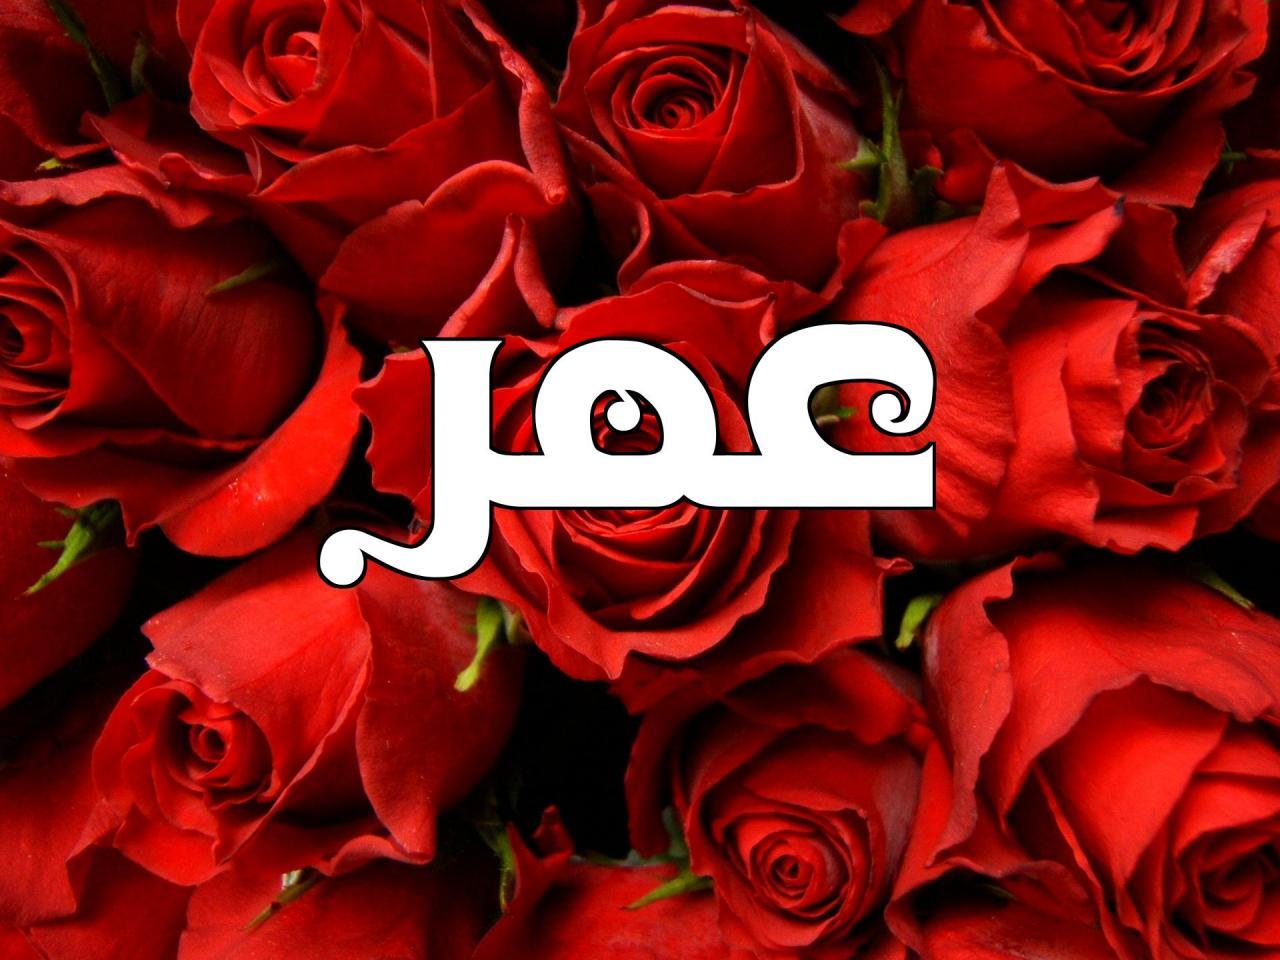 صور صور اسم عمر , صور مميزه جدا لاسم عمر